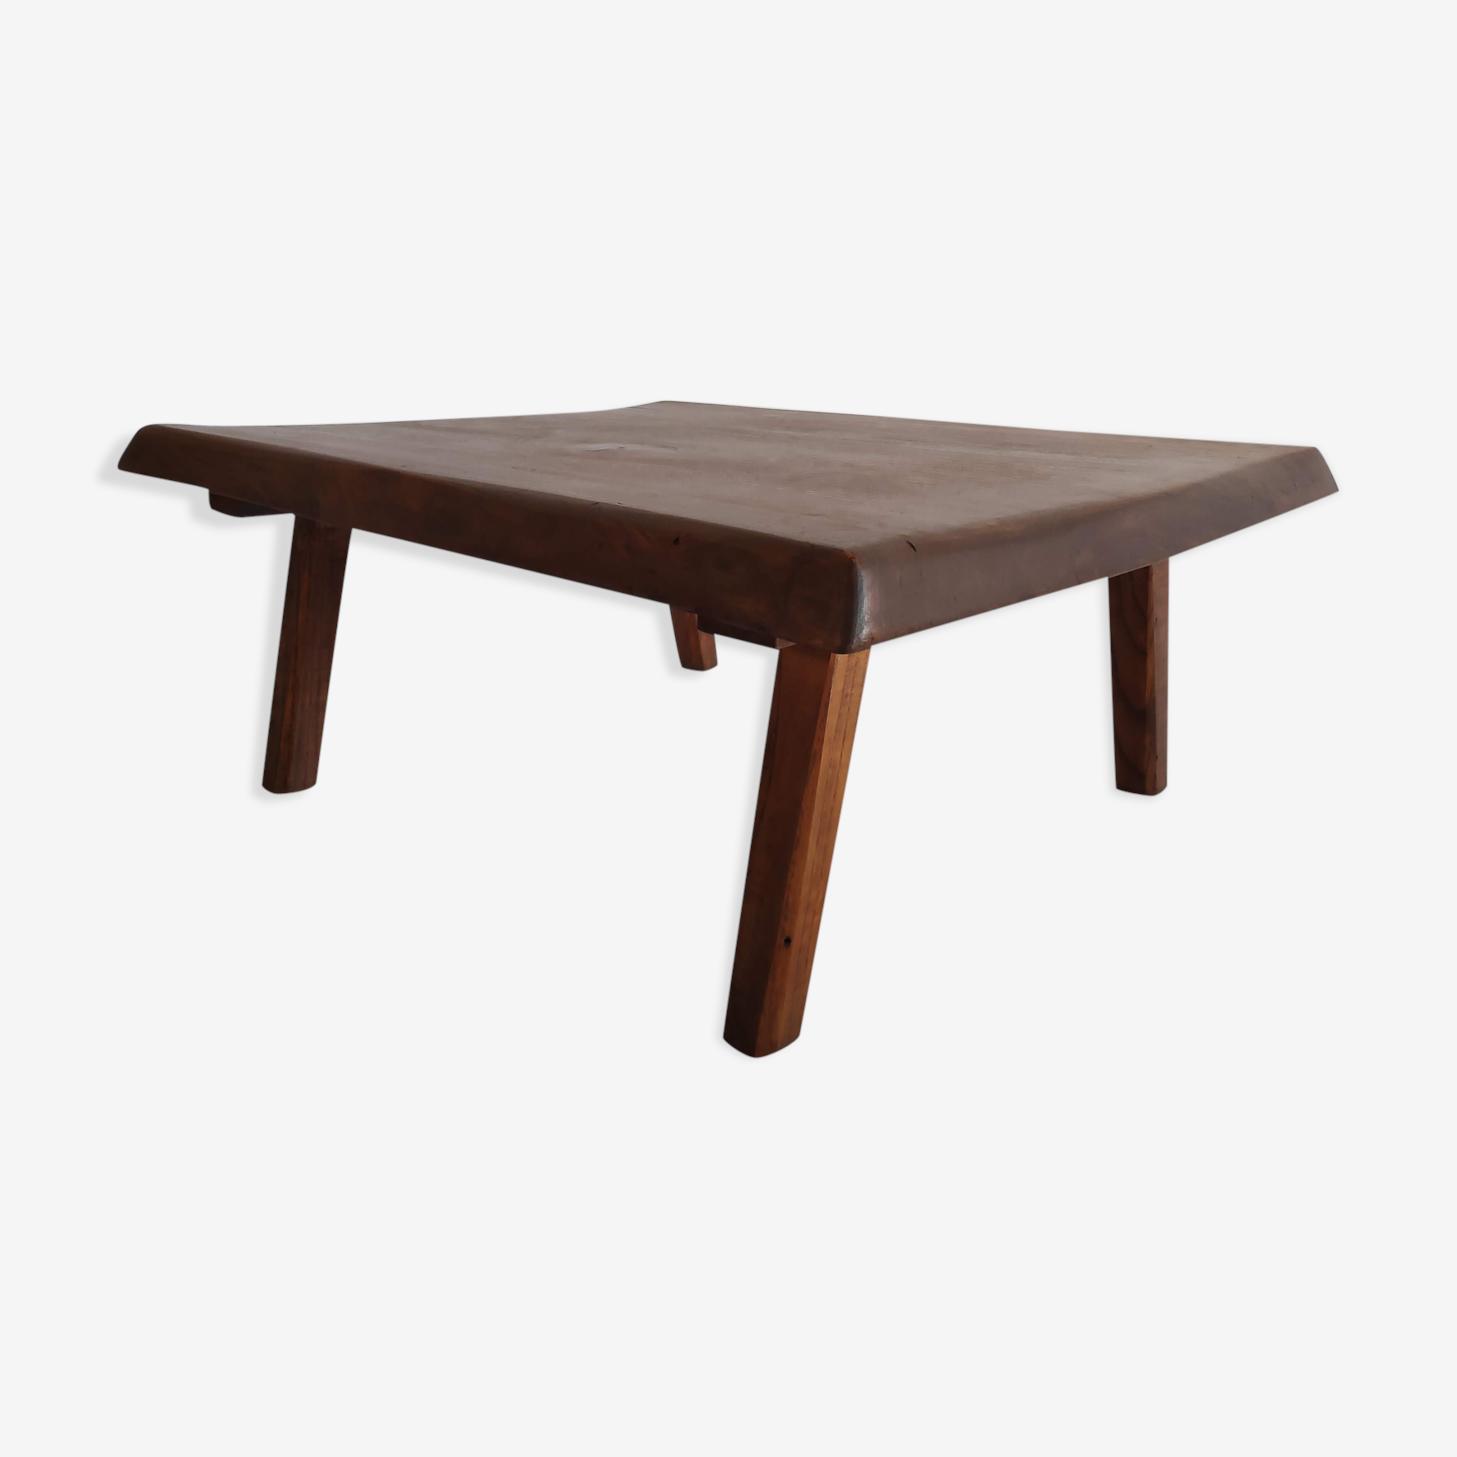 Table basse minimaliste des années 50 en bois de chêne massif